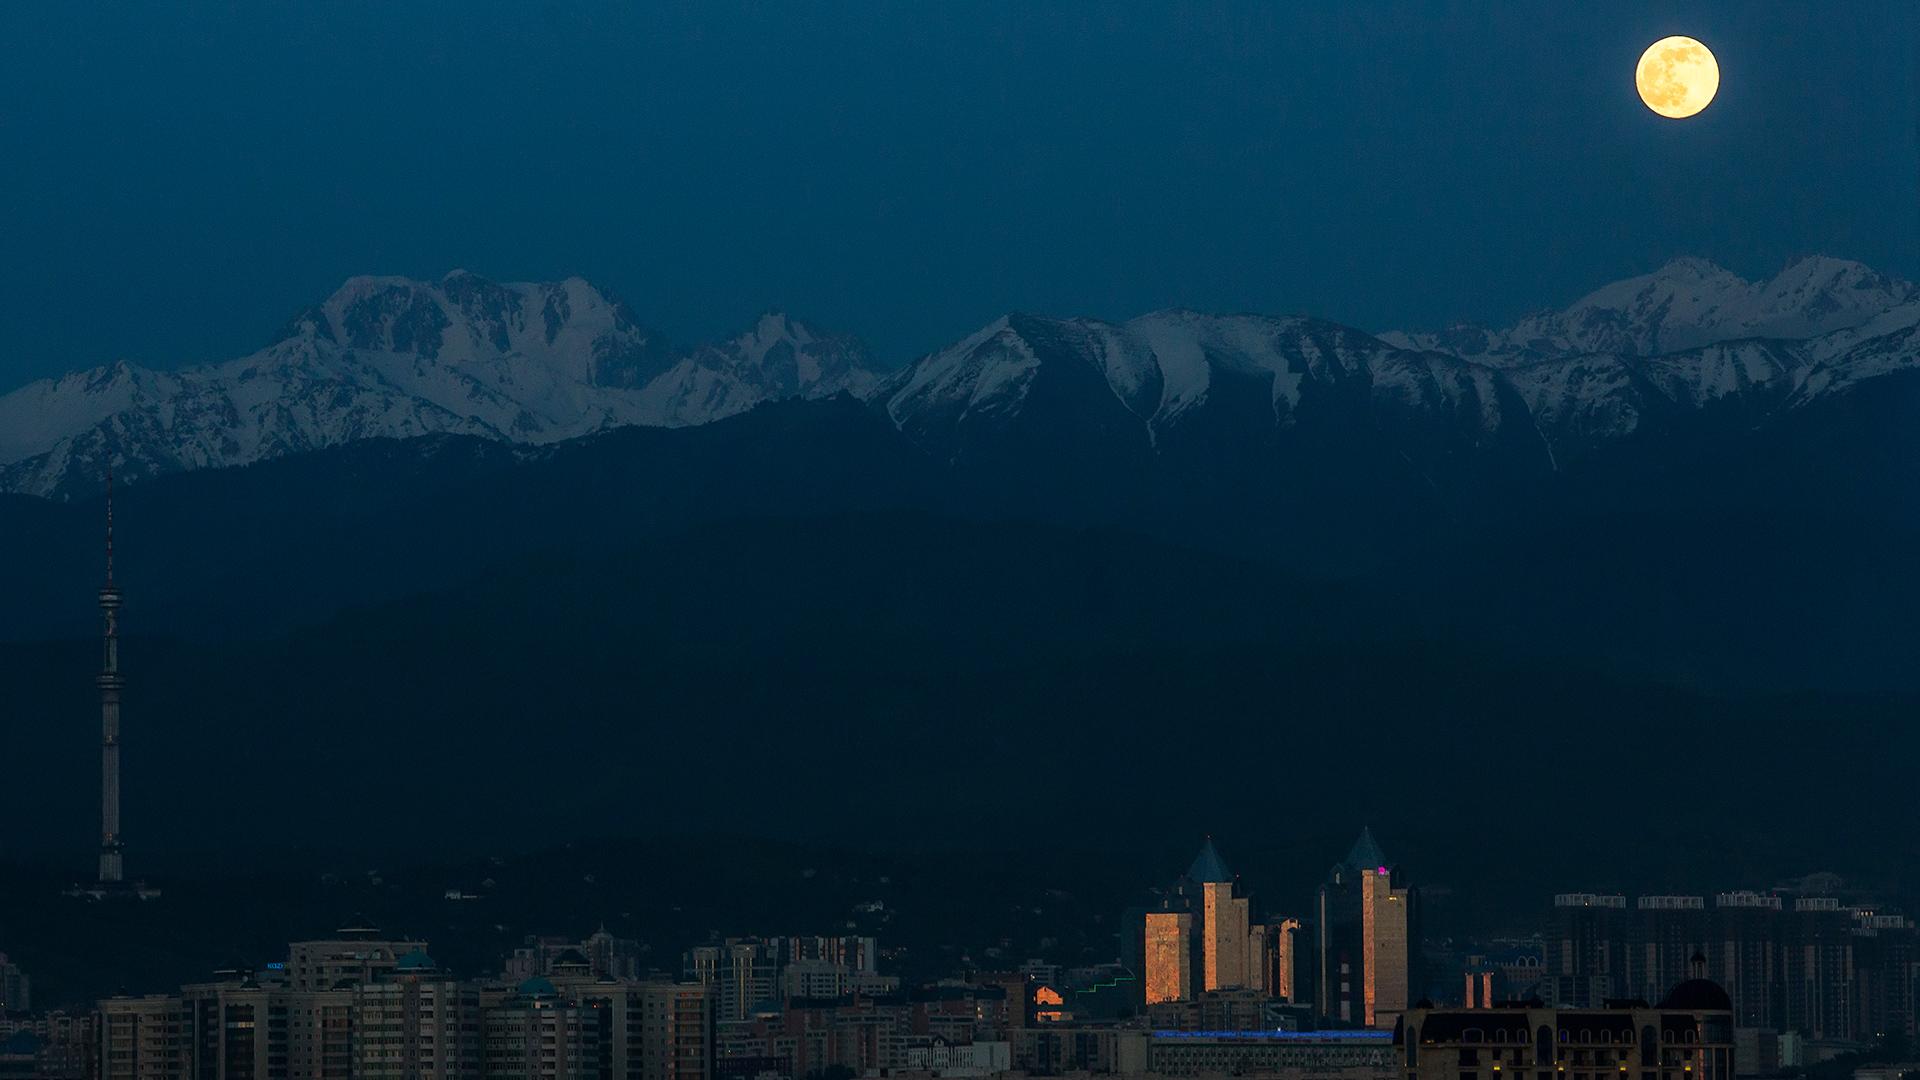 View, Almaty Kazakhstan, landscape, mountains, Kok Tobe